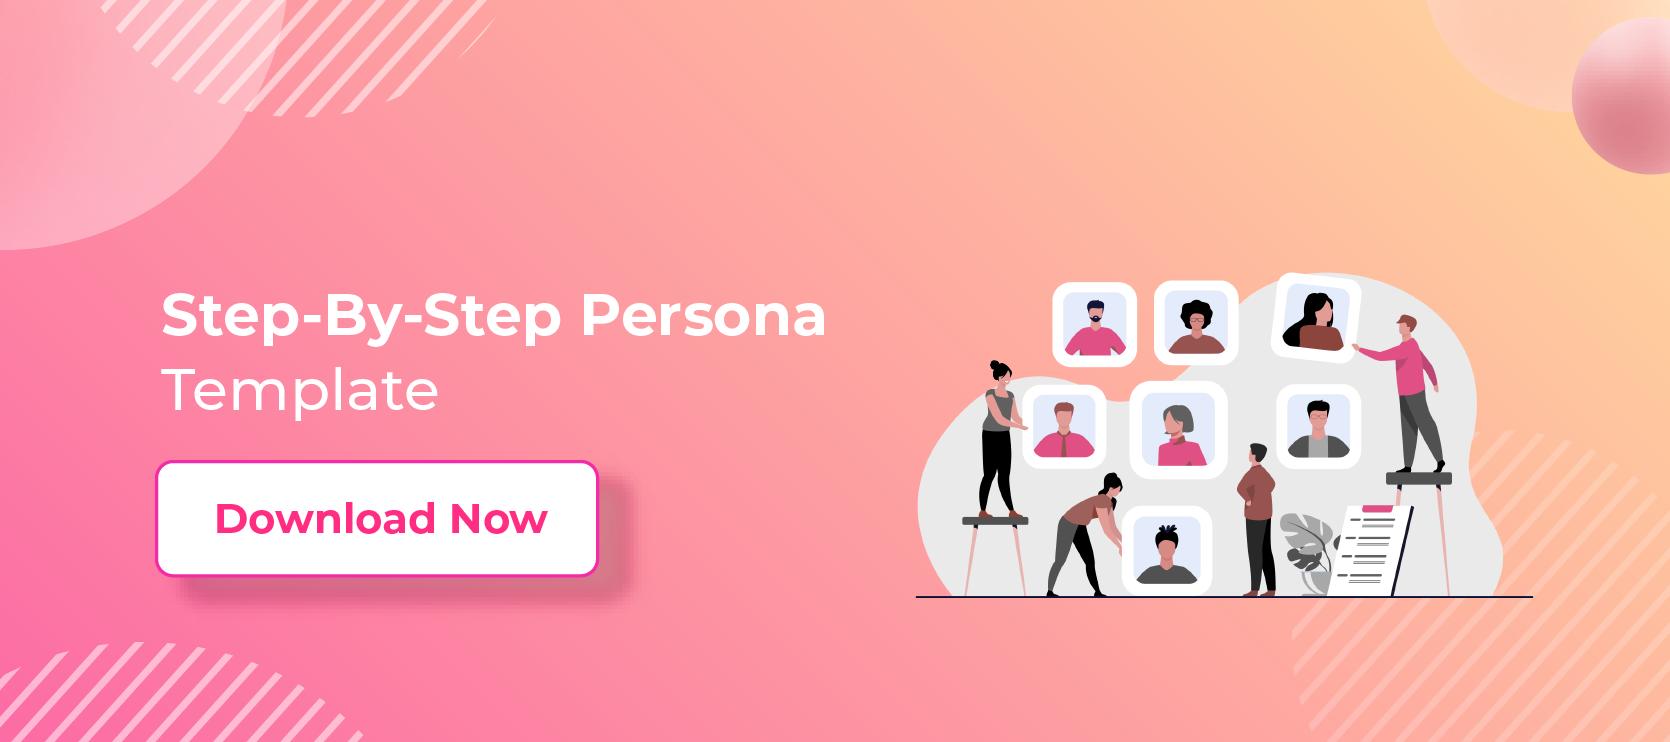 vm-persona-tempalte-download